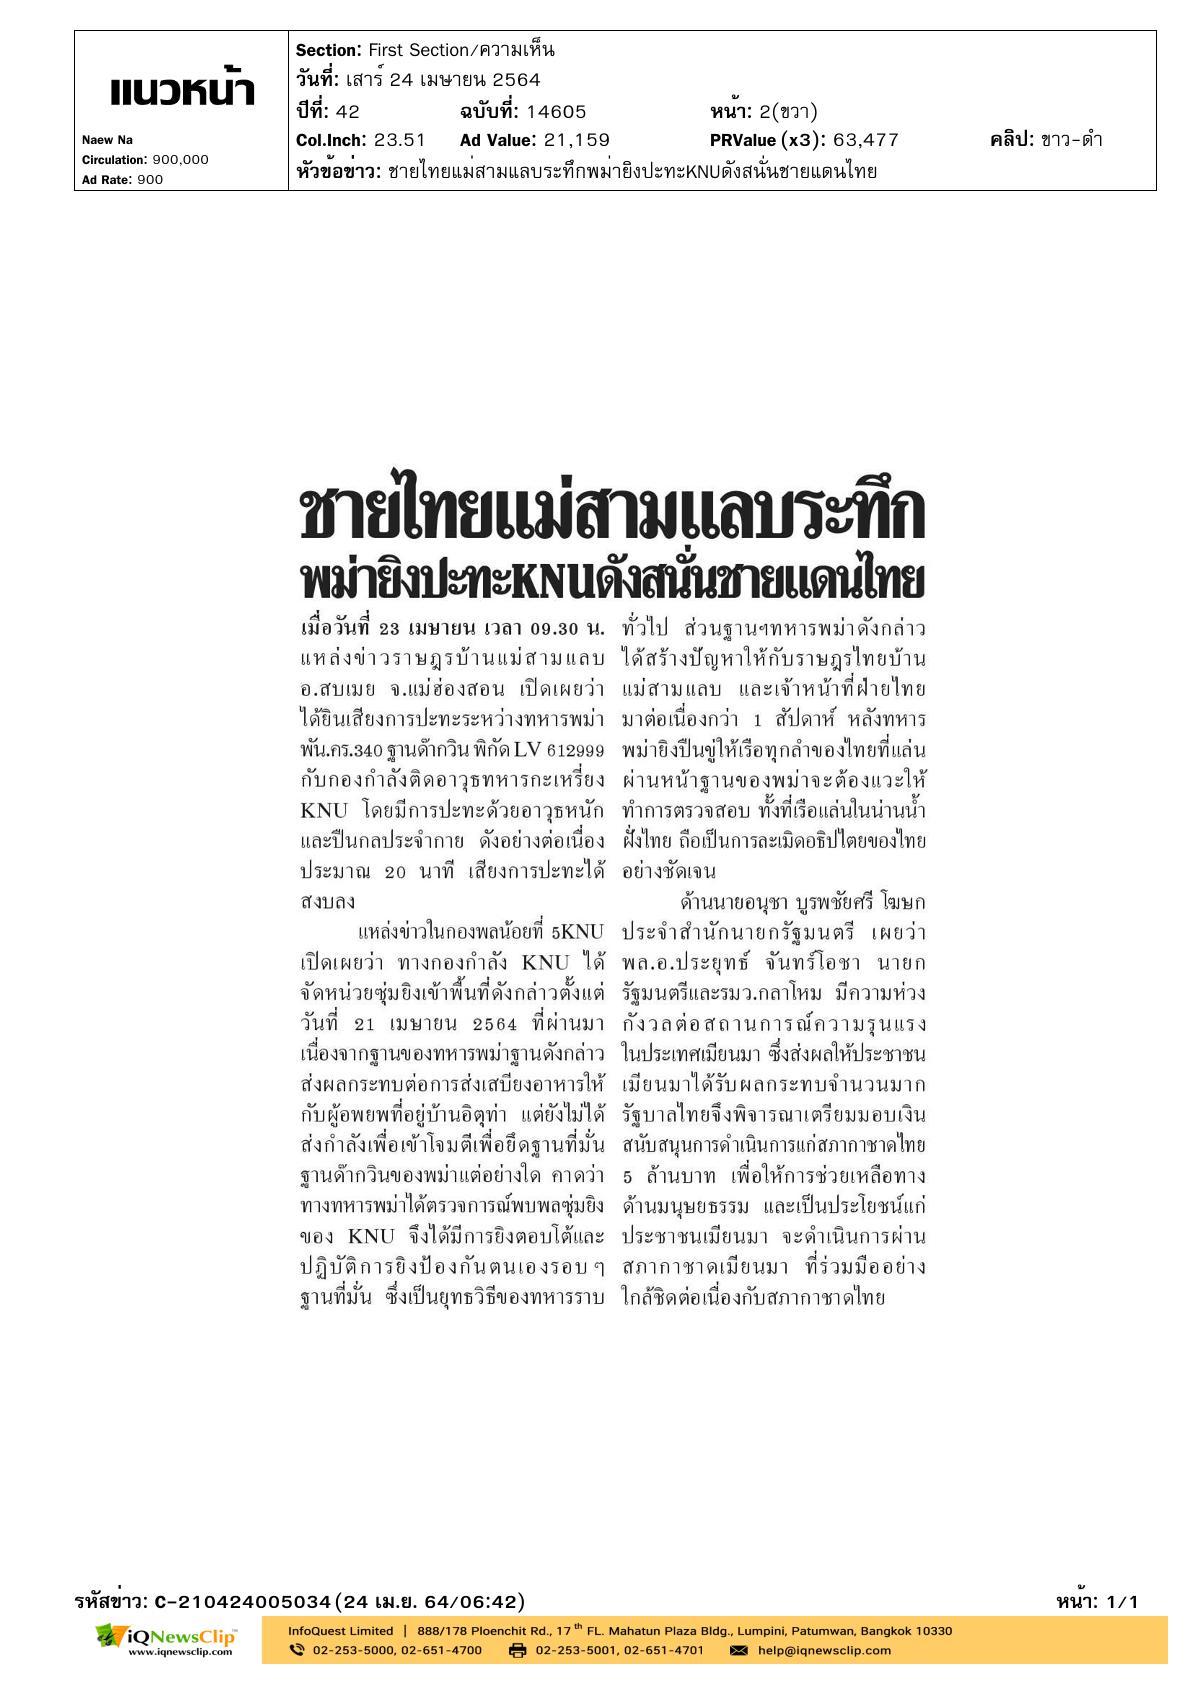 รัฐบาลไทย เตรียมมอบเงินสนับสนุนช่วยเหลือฯ